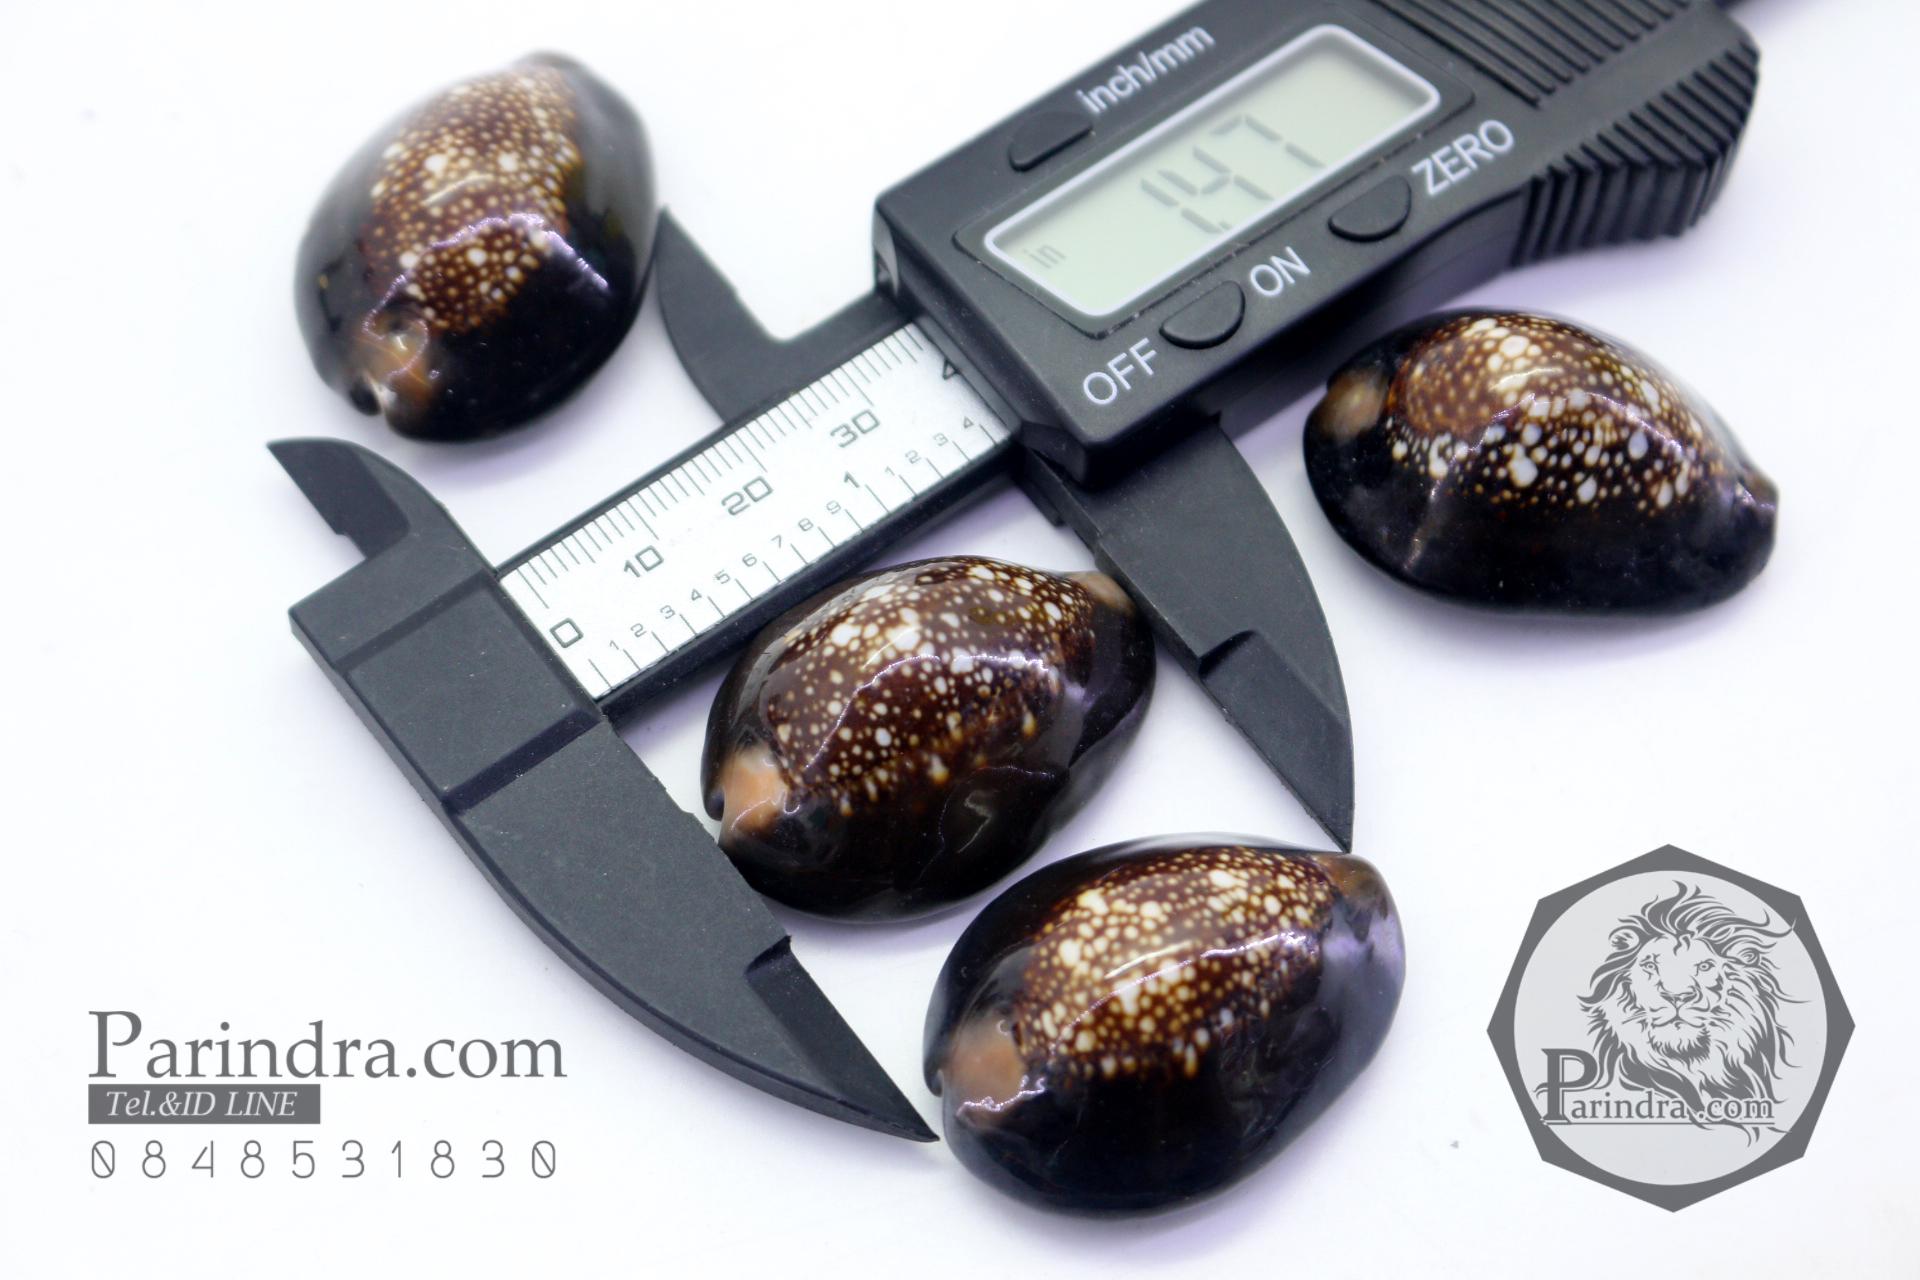 ขายเปลือกหอยเบี้ย หอยเบี้ยแก้ ขนาด 1.4 นิ้ว Monetaria caputserpentis